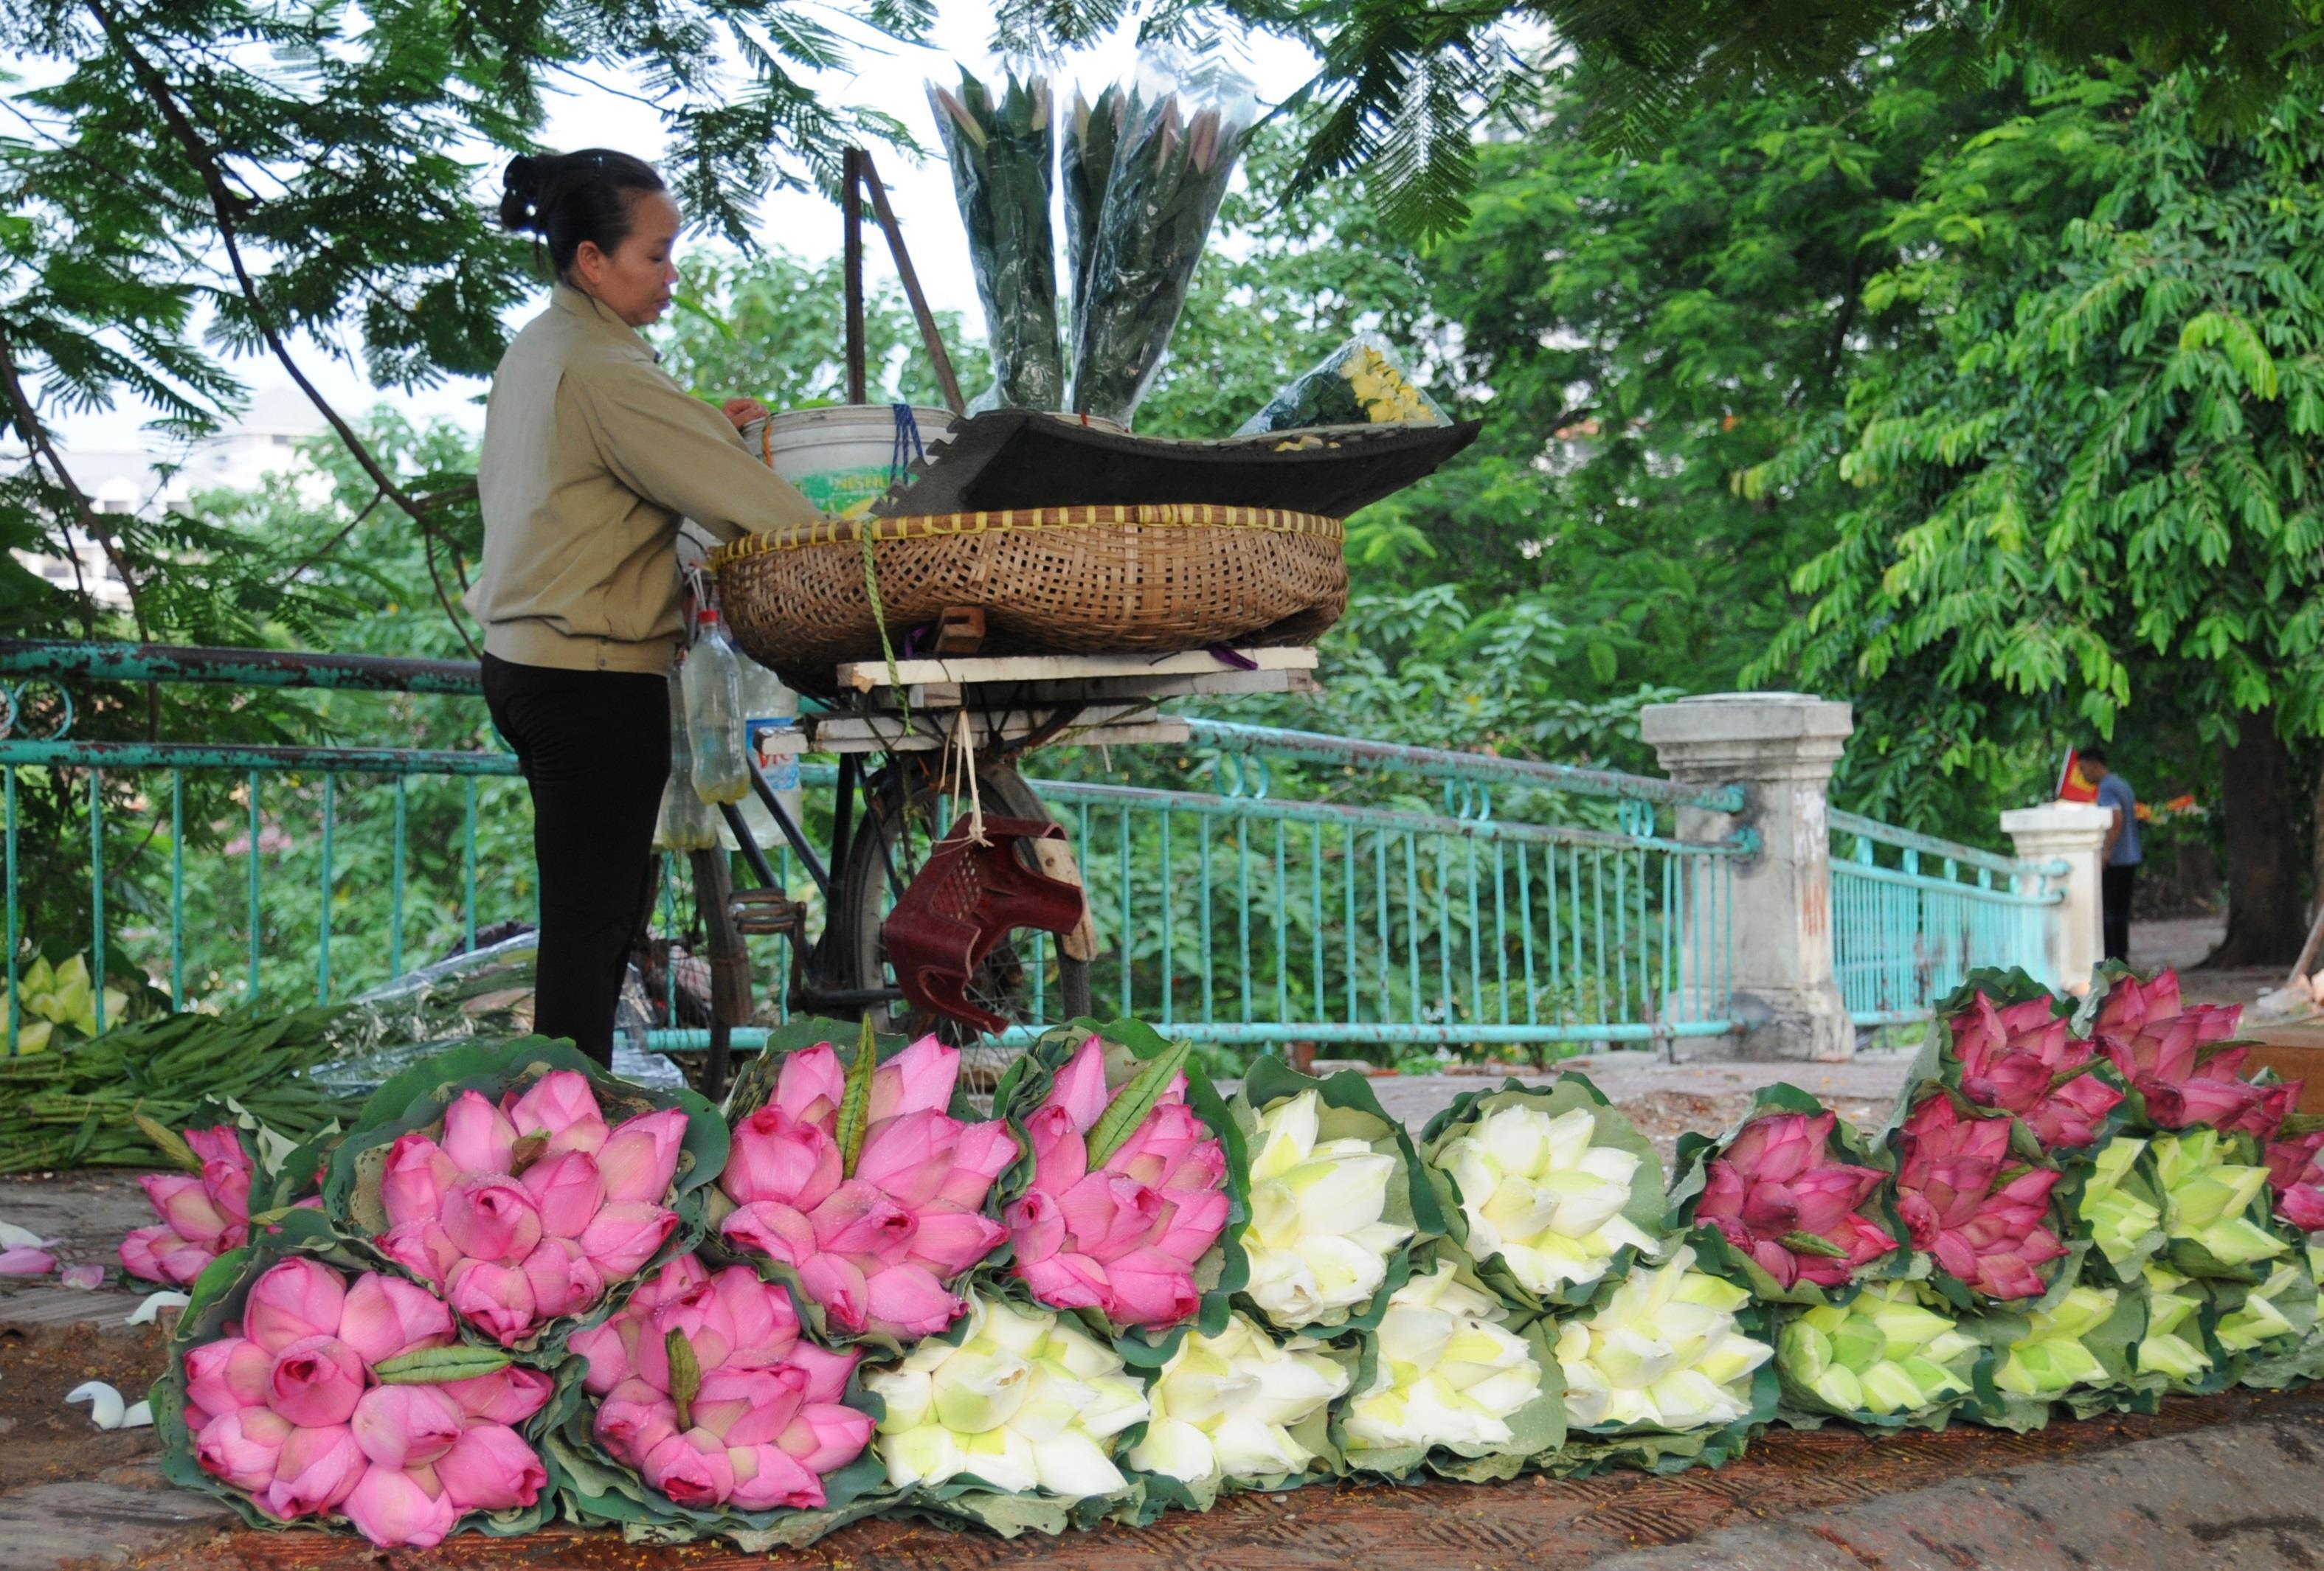 Hà Nội rực rỡ trong những sắc hoa mùa hè Ảnh 38